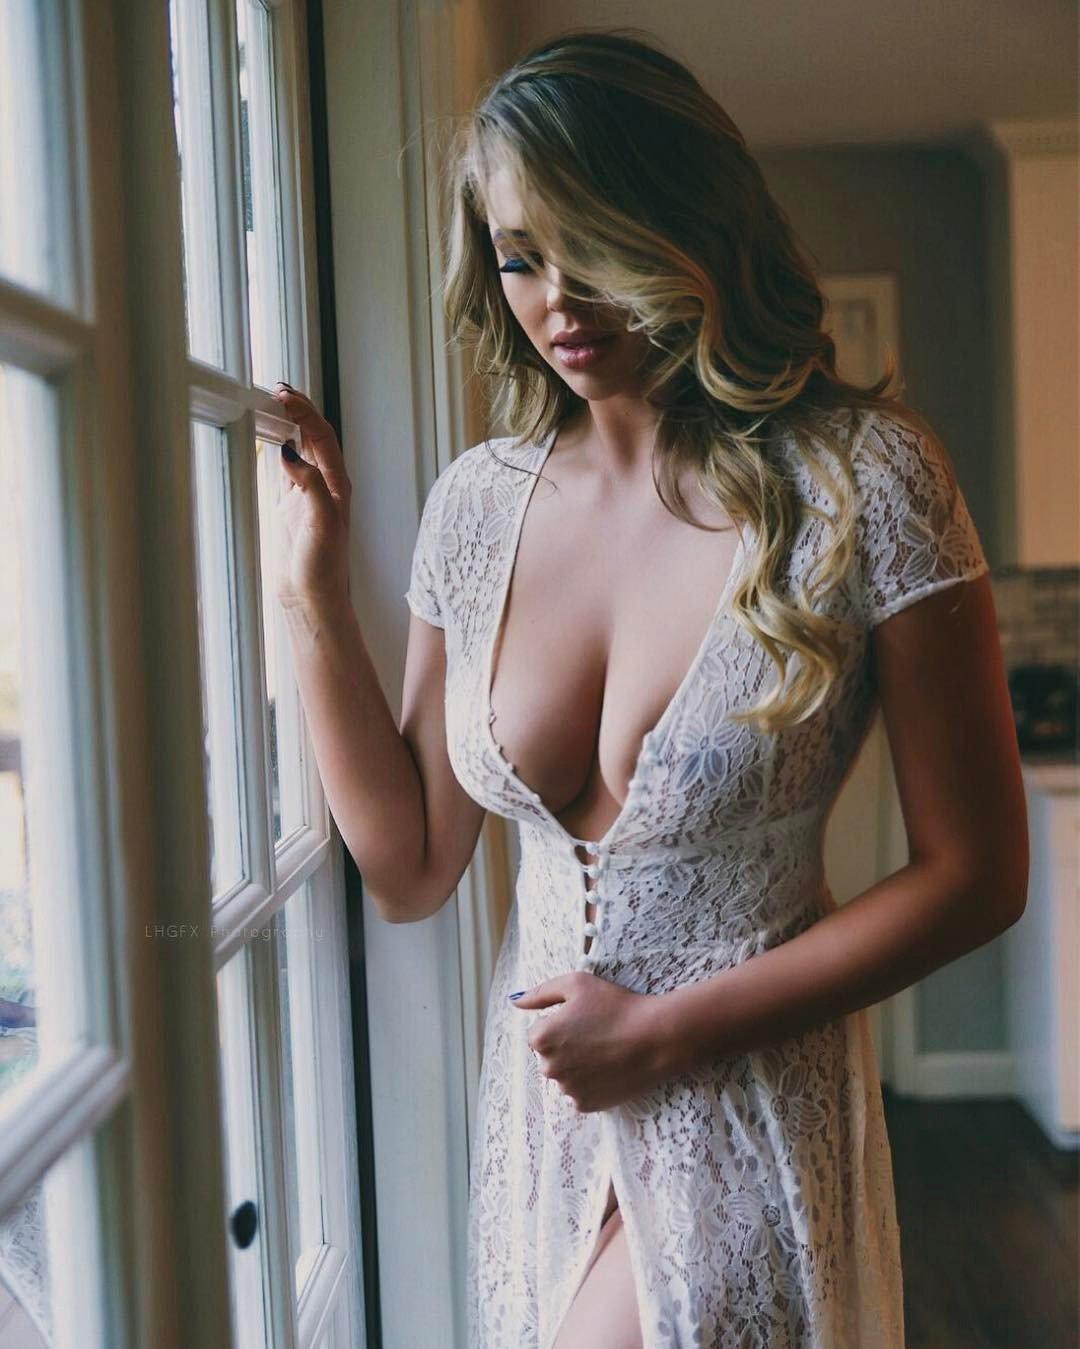 Самые красивые и сексуальные молодые девушки (33 Фото): подборка дня! 9